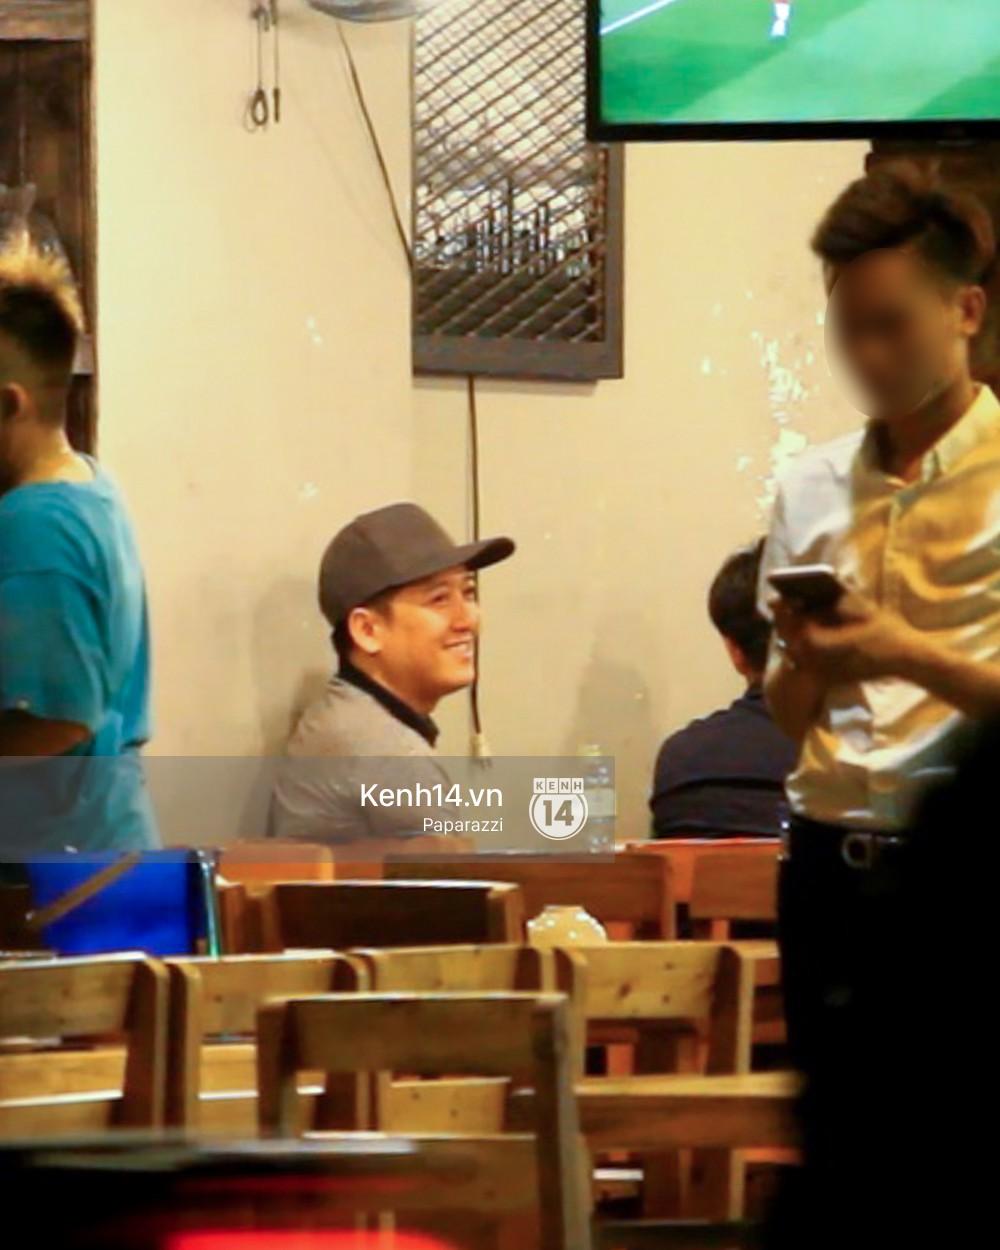 Trong khi Nhã Phương sang Thái chơi Songkran, Trường Giang bị bắt gặp đi uống bia cùng bạn bè giữa đêm - Ảnh 8.